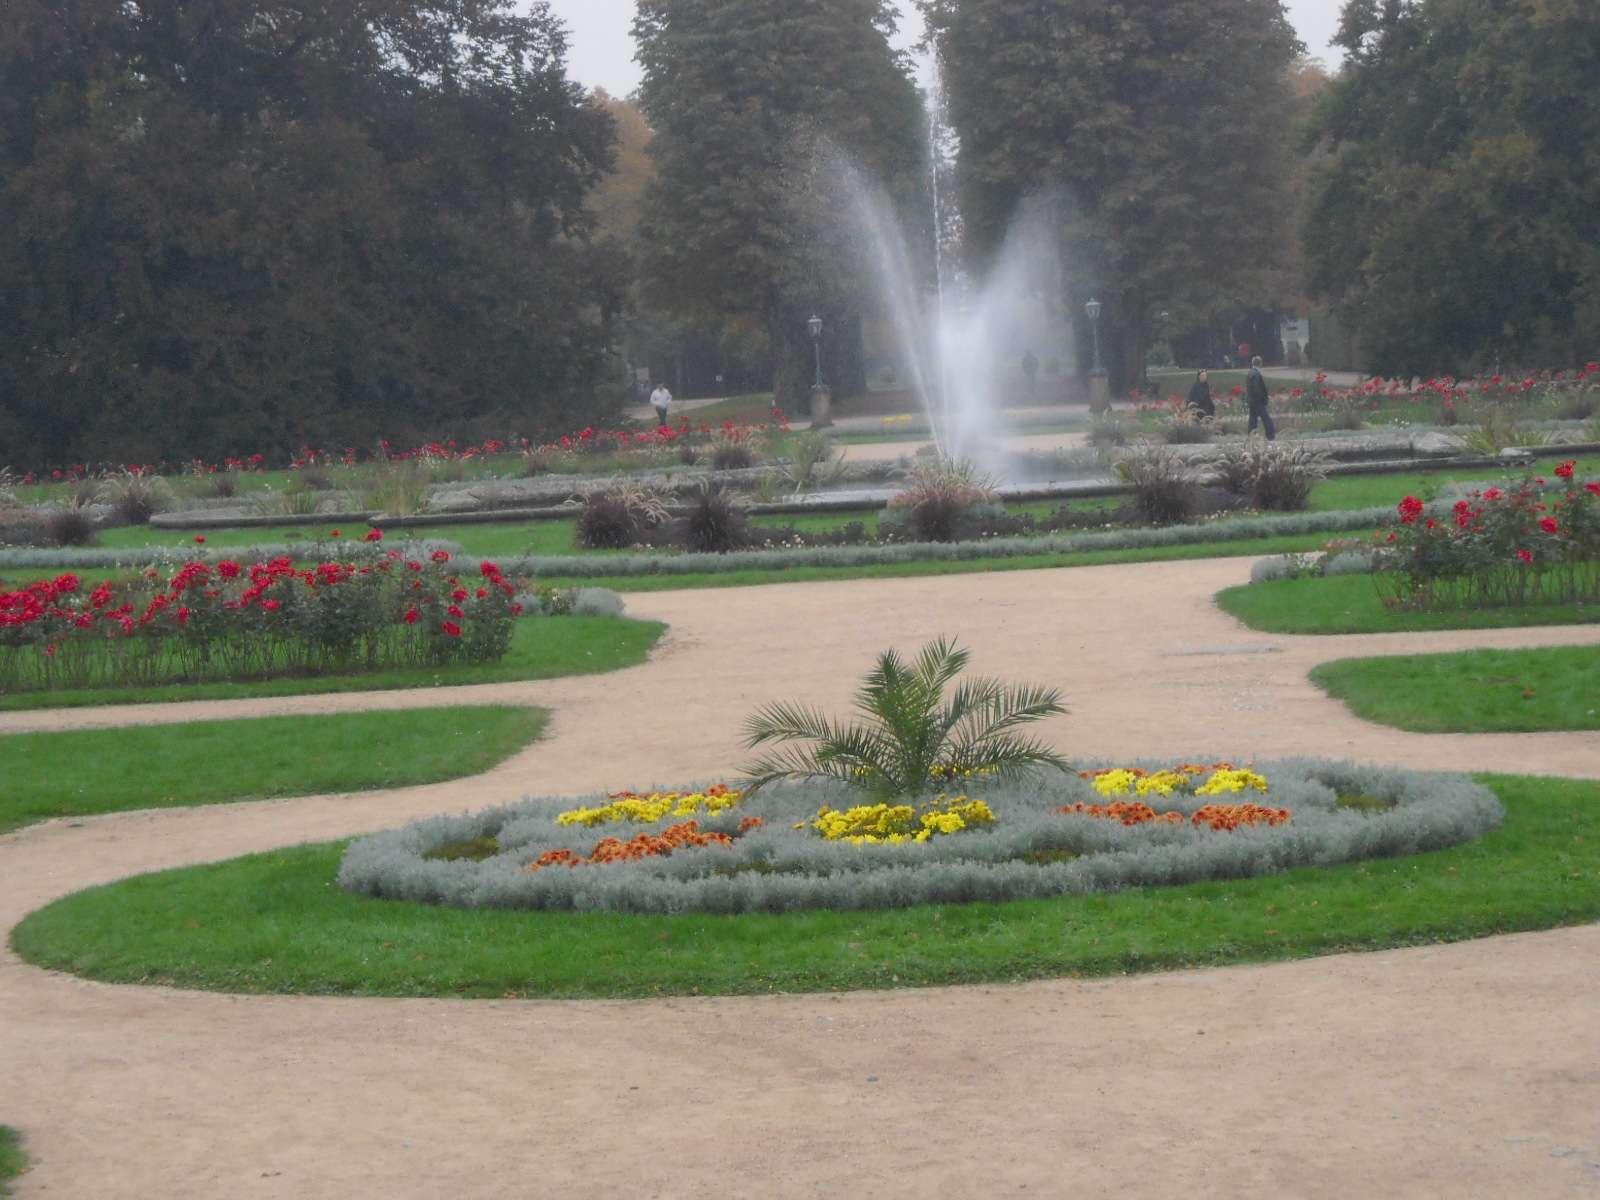 ogrody renesansowe z fontanna